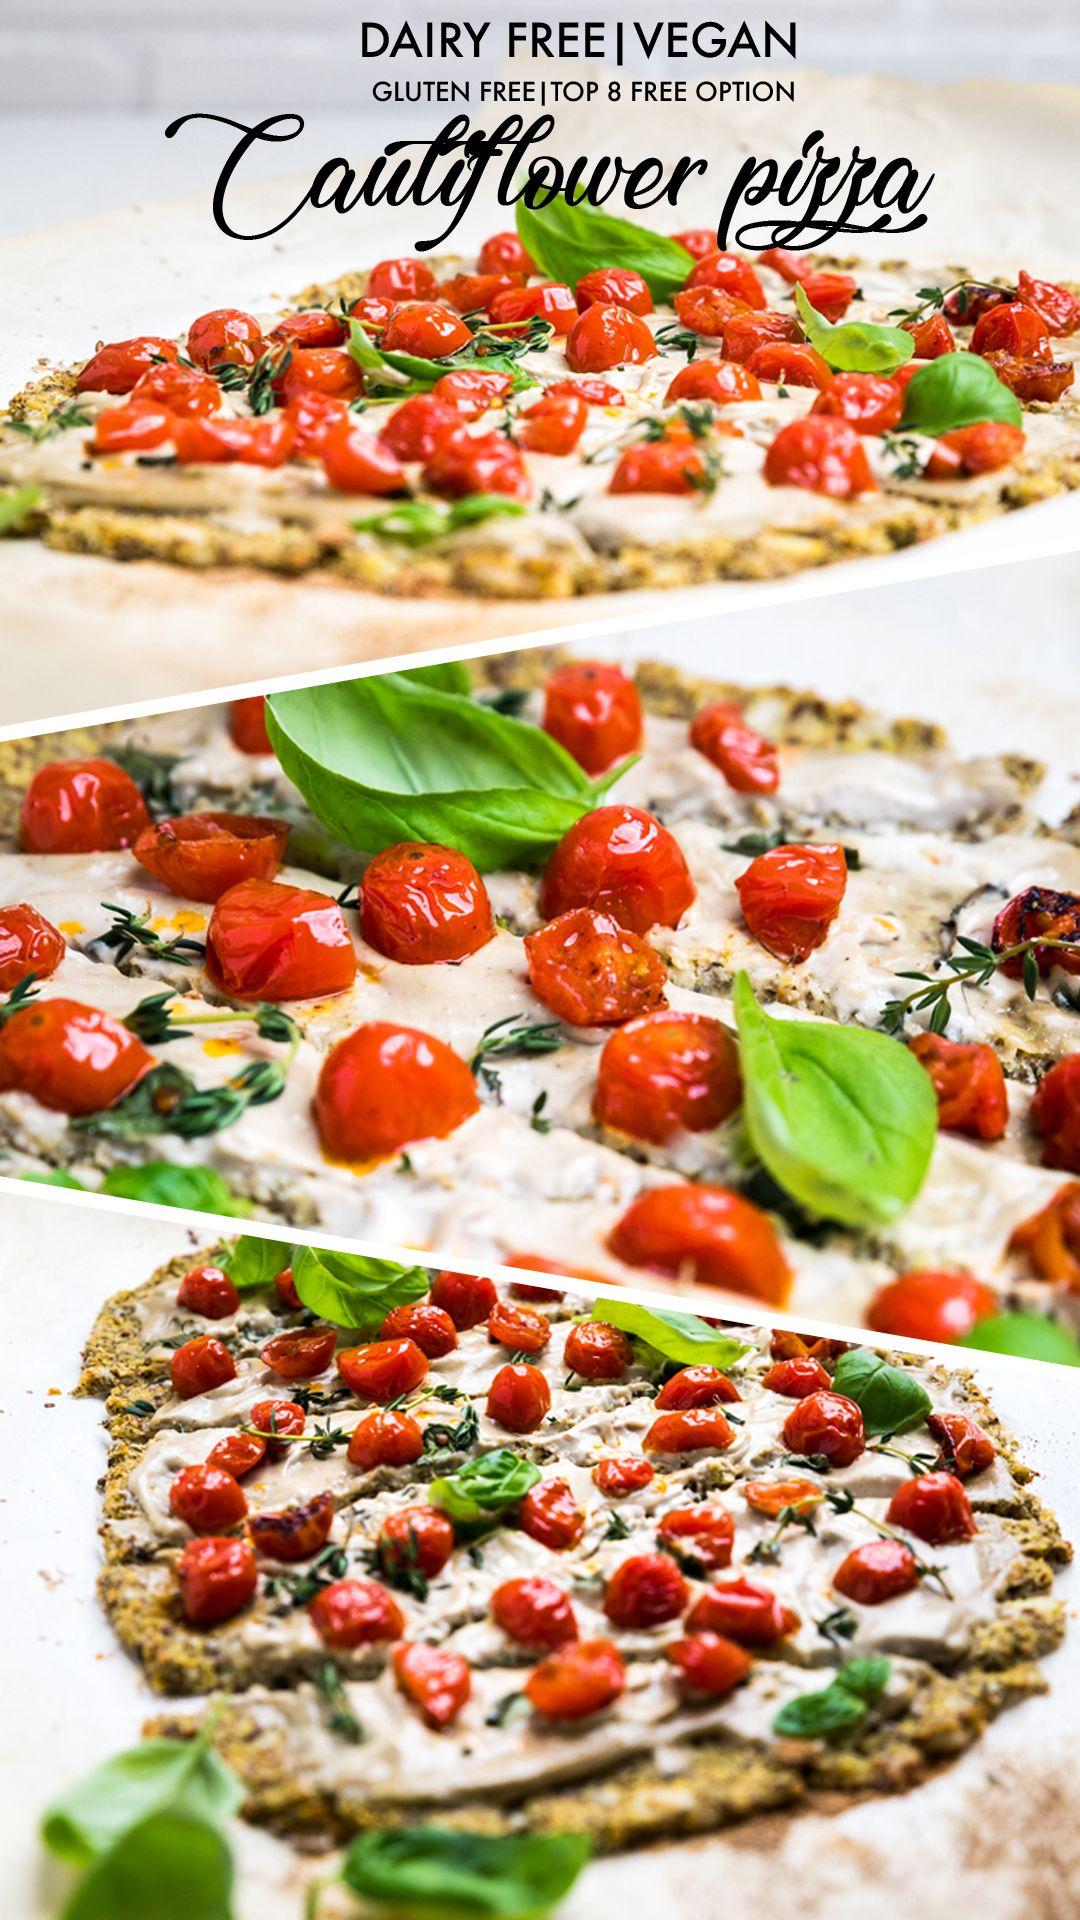 Dairy Free Cauliflower Pizza Crust Vegan Make It Dairy Free